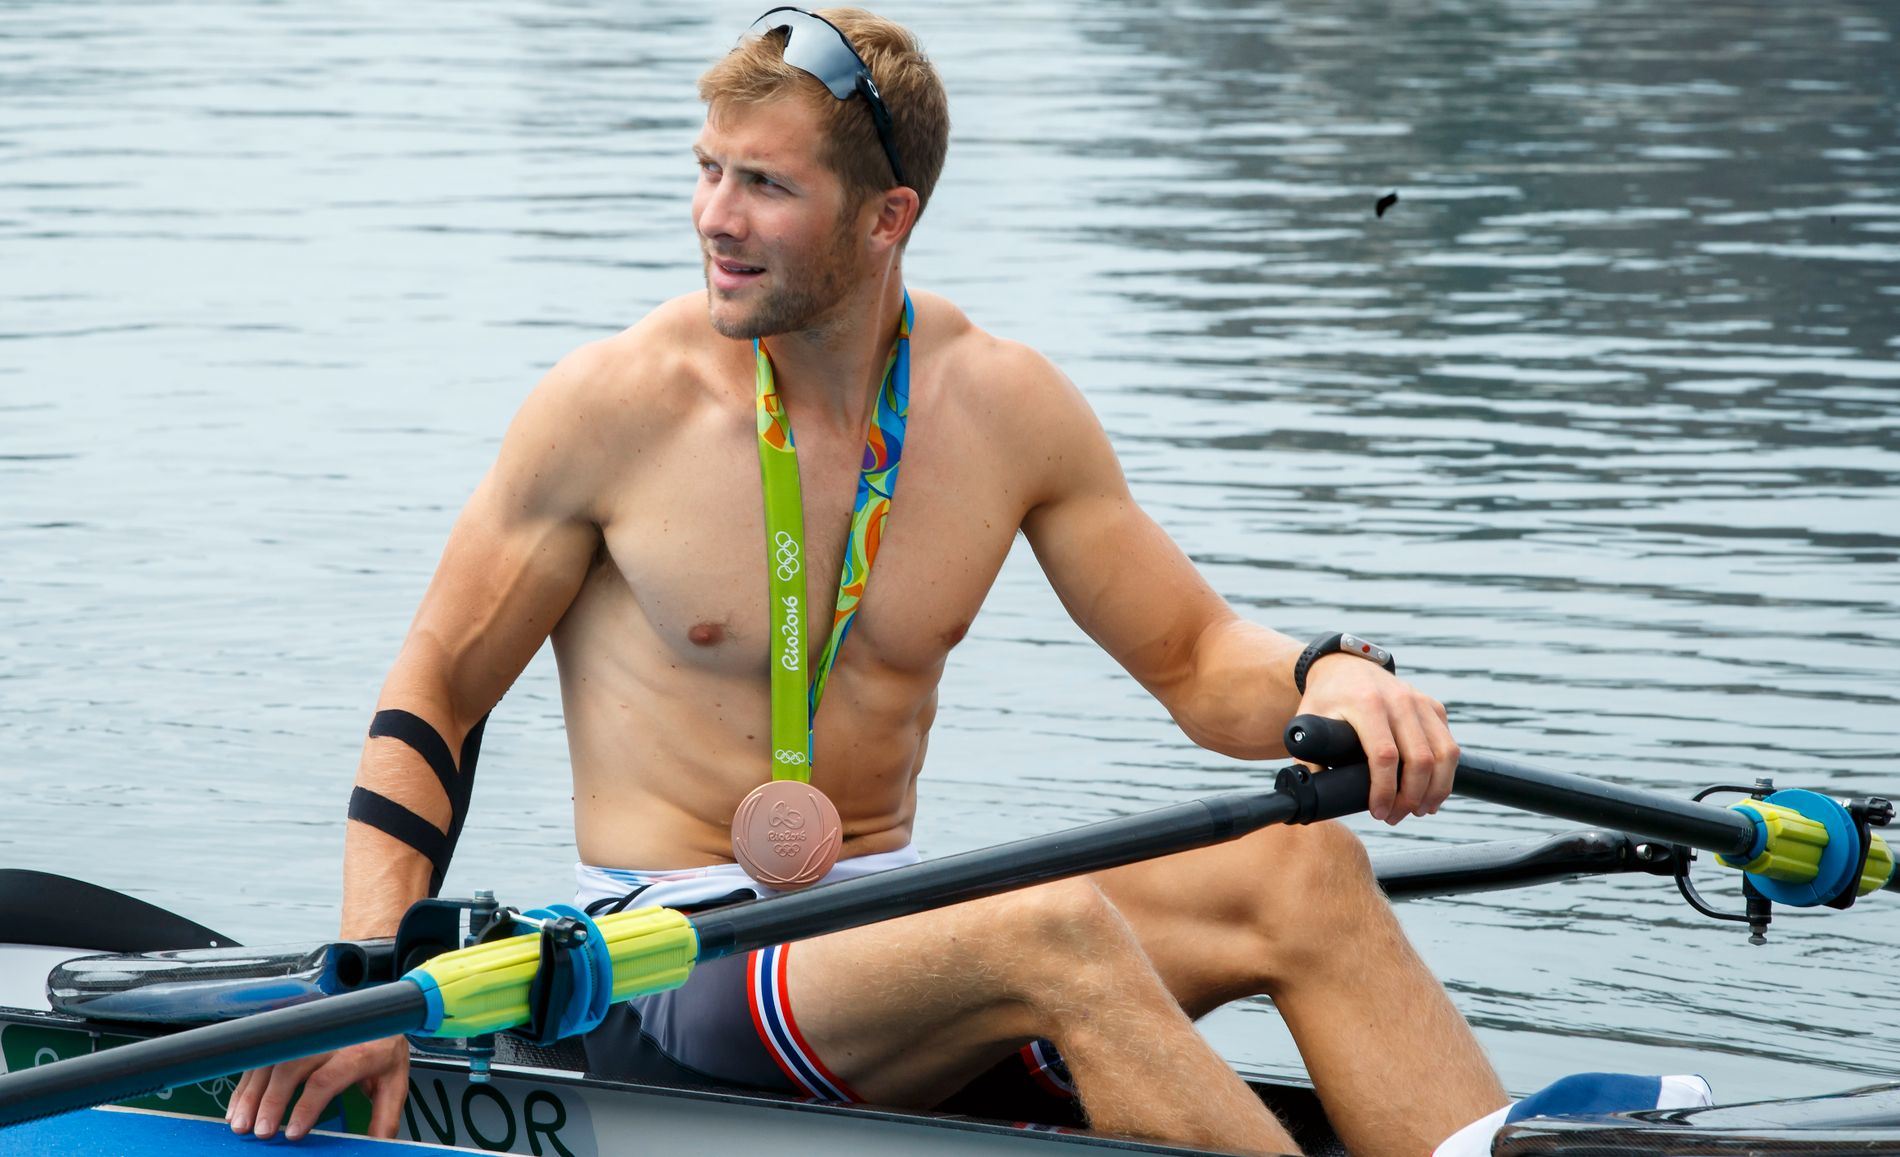 STRIPPET: Kristoffer Brun er både verdensmester og tok OL-bronse i Rio (bildet). Men den suksessfulle roeren er helt helt strippet for sponsorkroner.